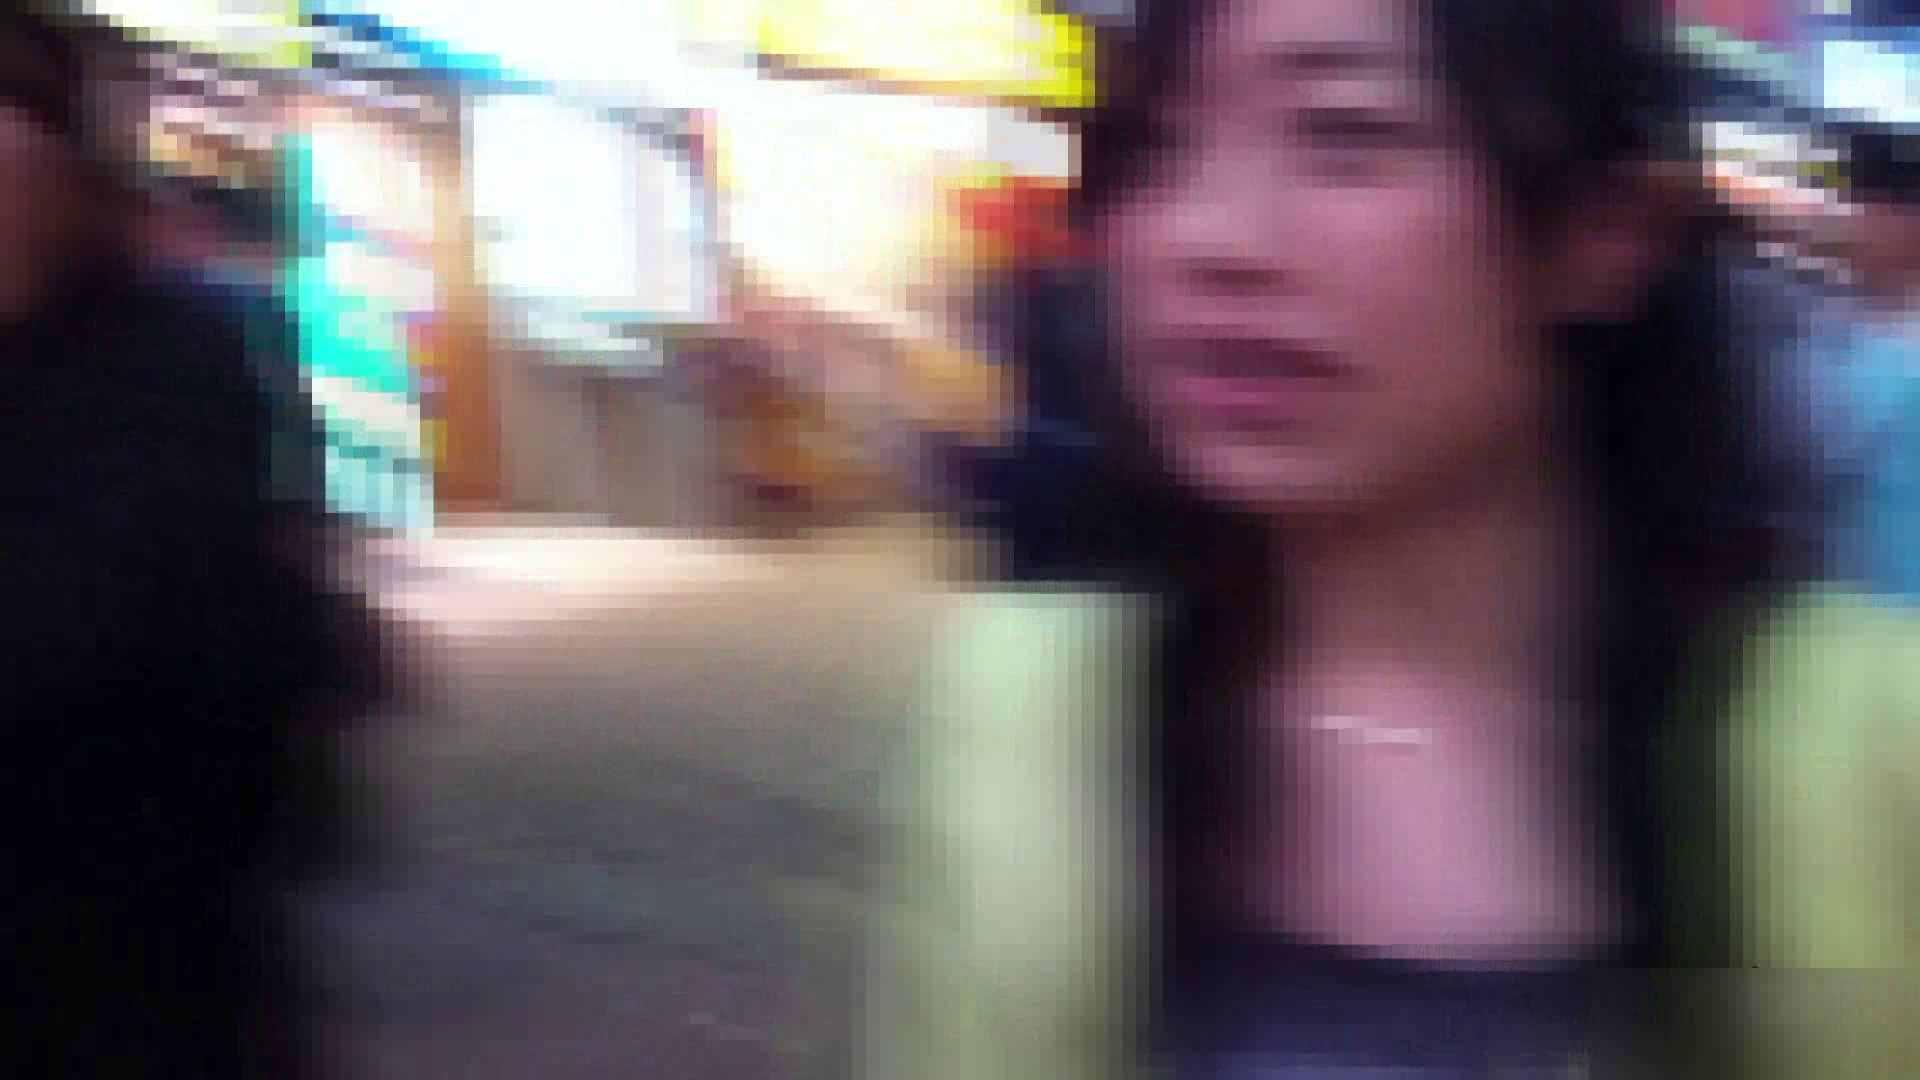 ガールズパンチラストリートビューVol.015 チラ 盗撮オメコ無修正動画無料 47連発 42